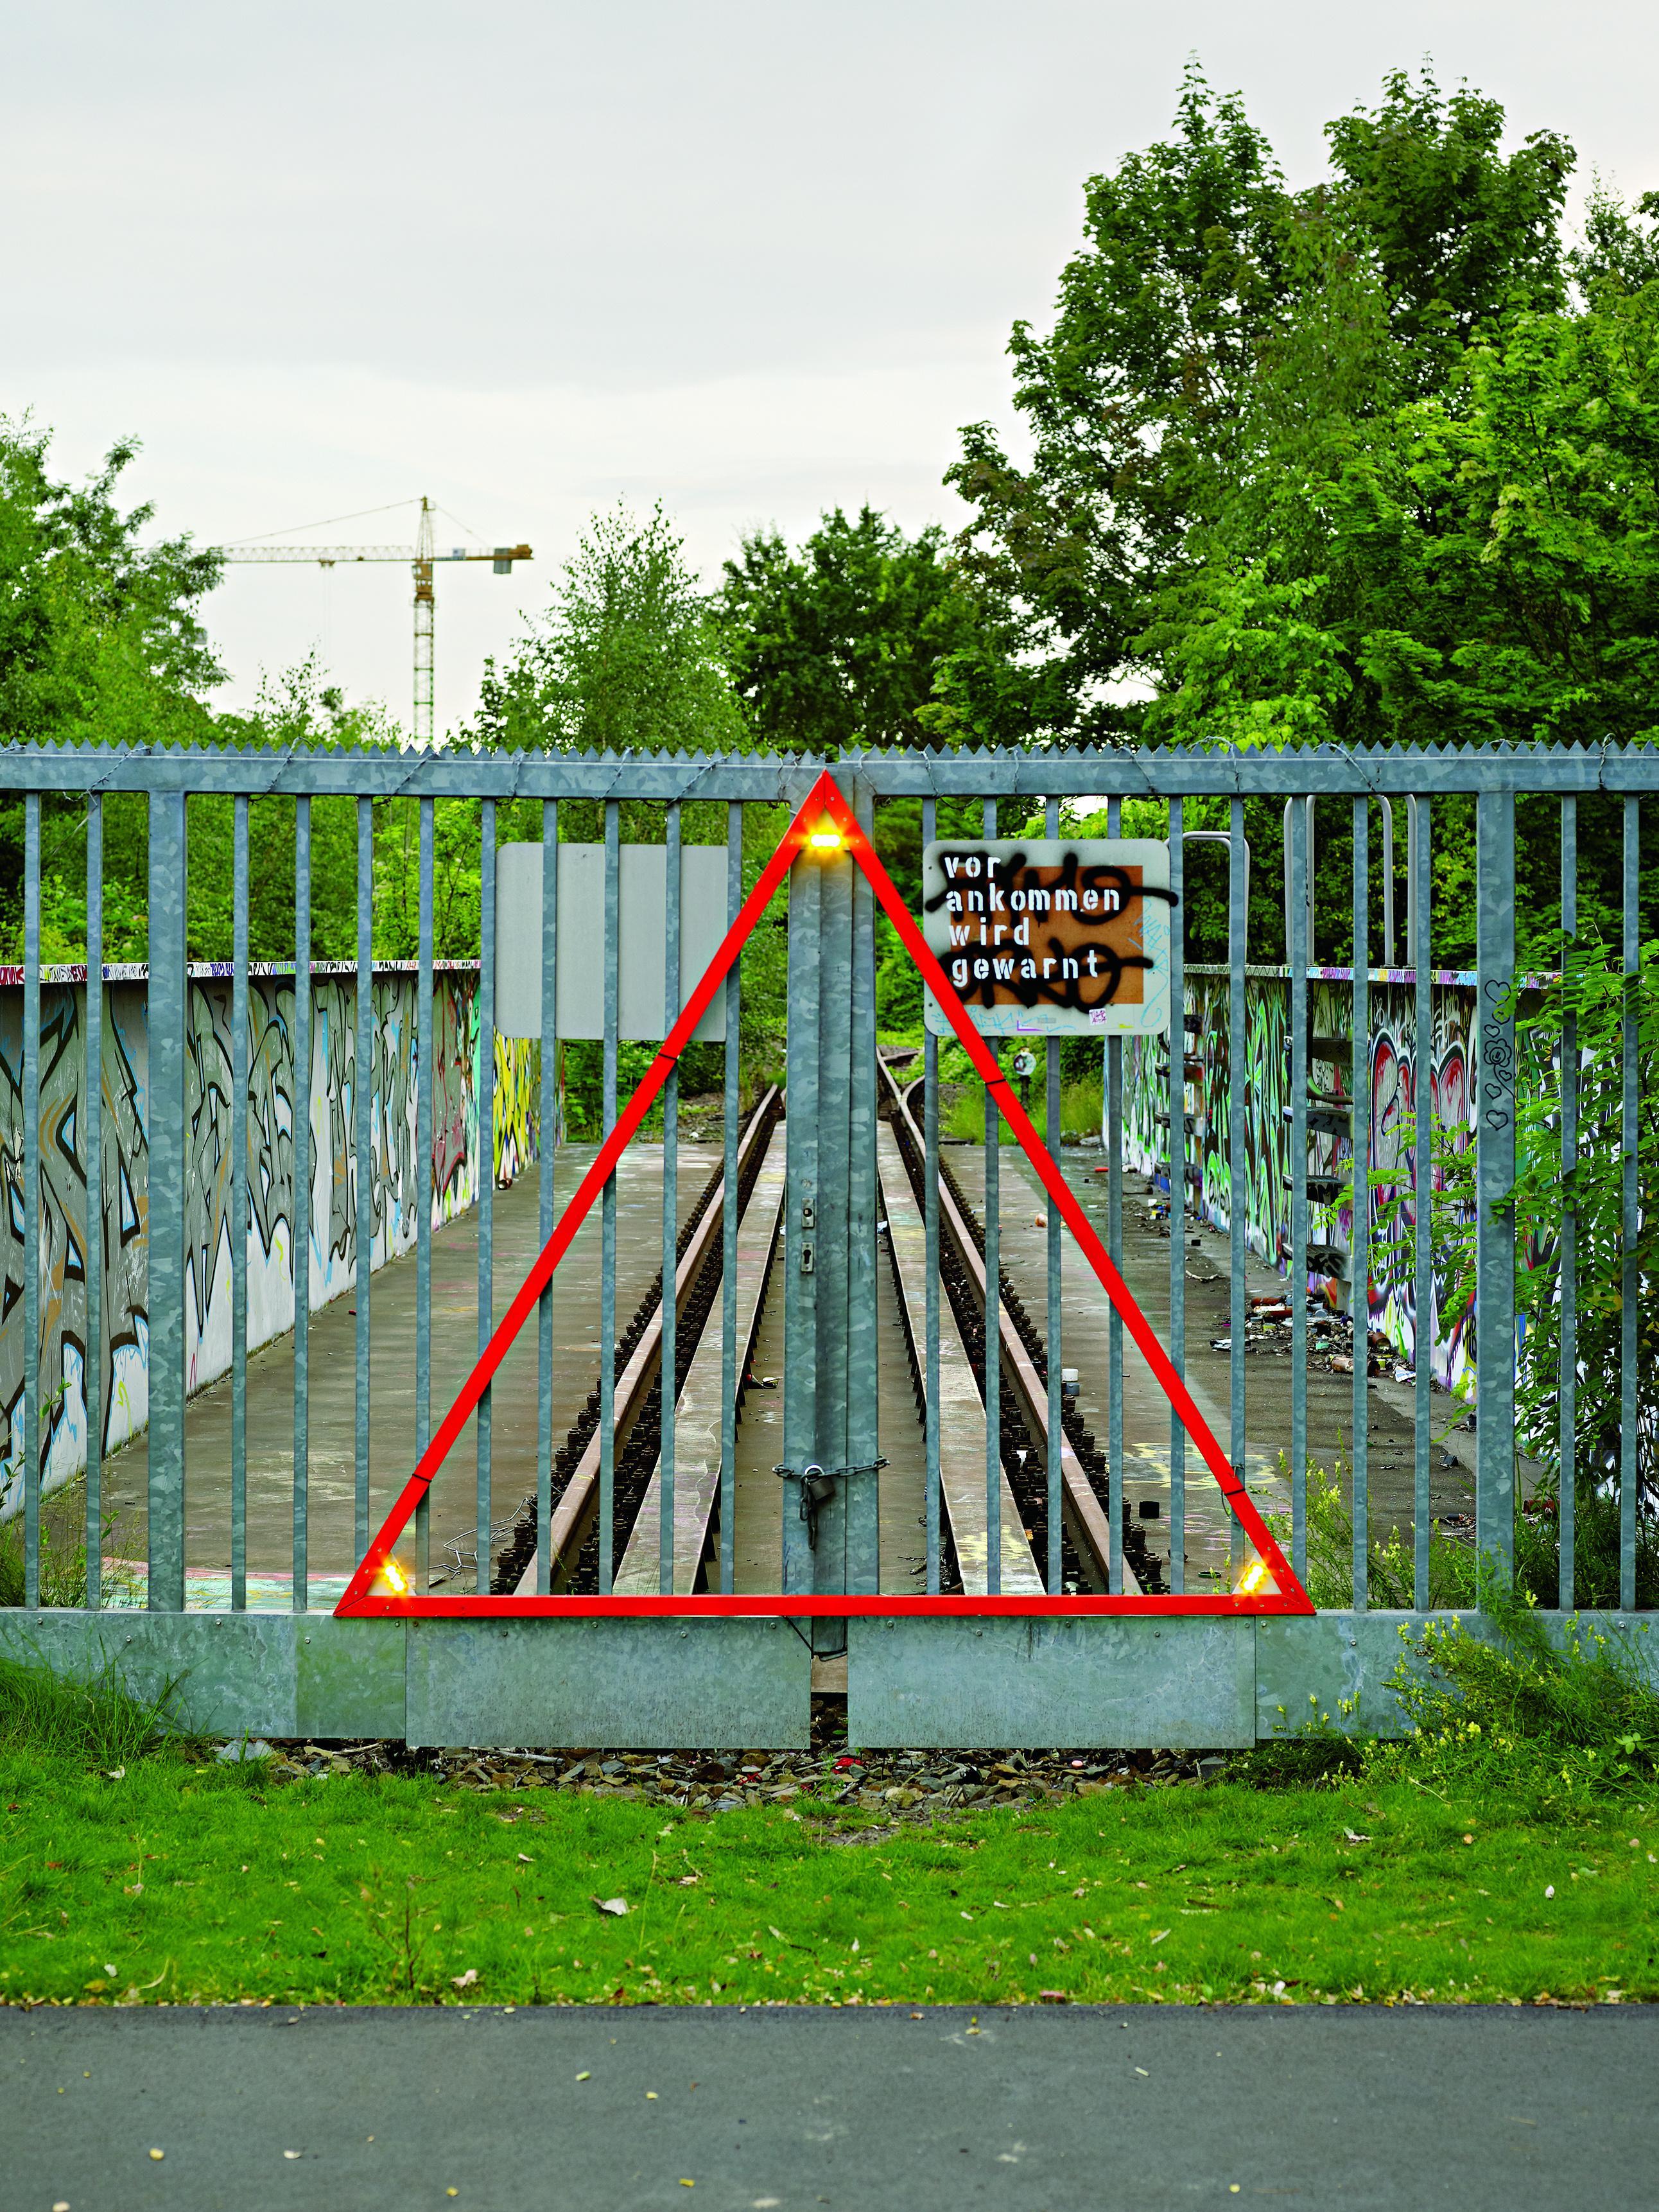 Park am Gleisdreieck_vor ankommen wird gewarnt_susanne muller_Foto Michel Bonvin